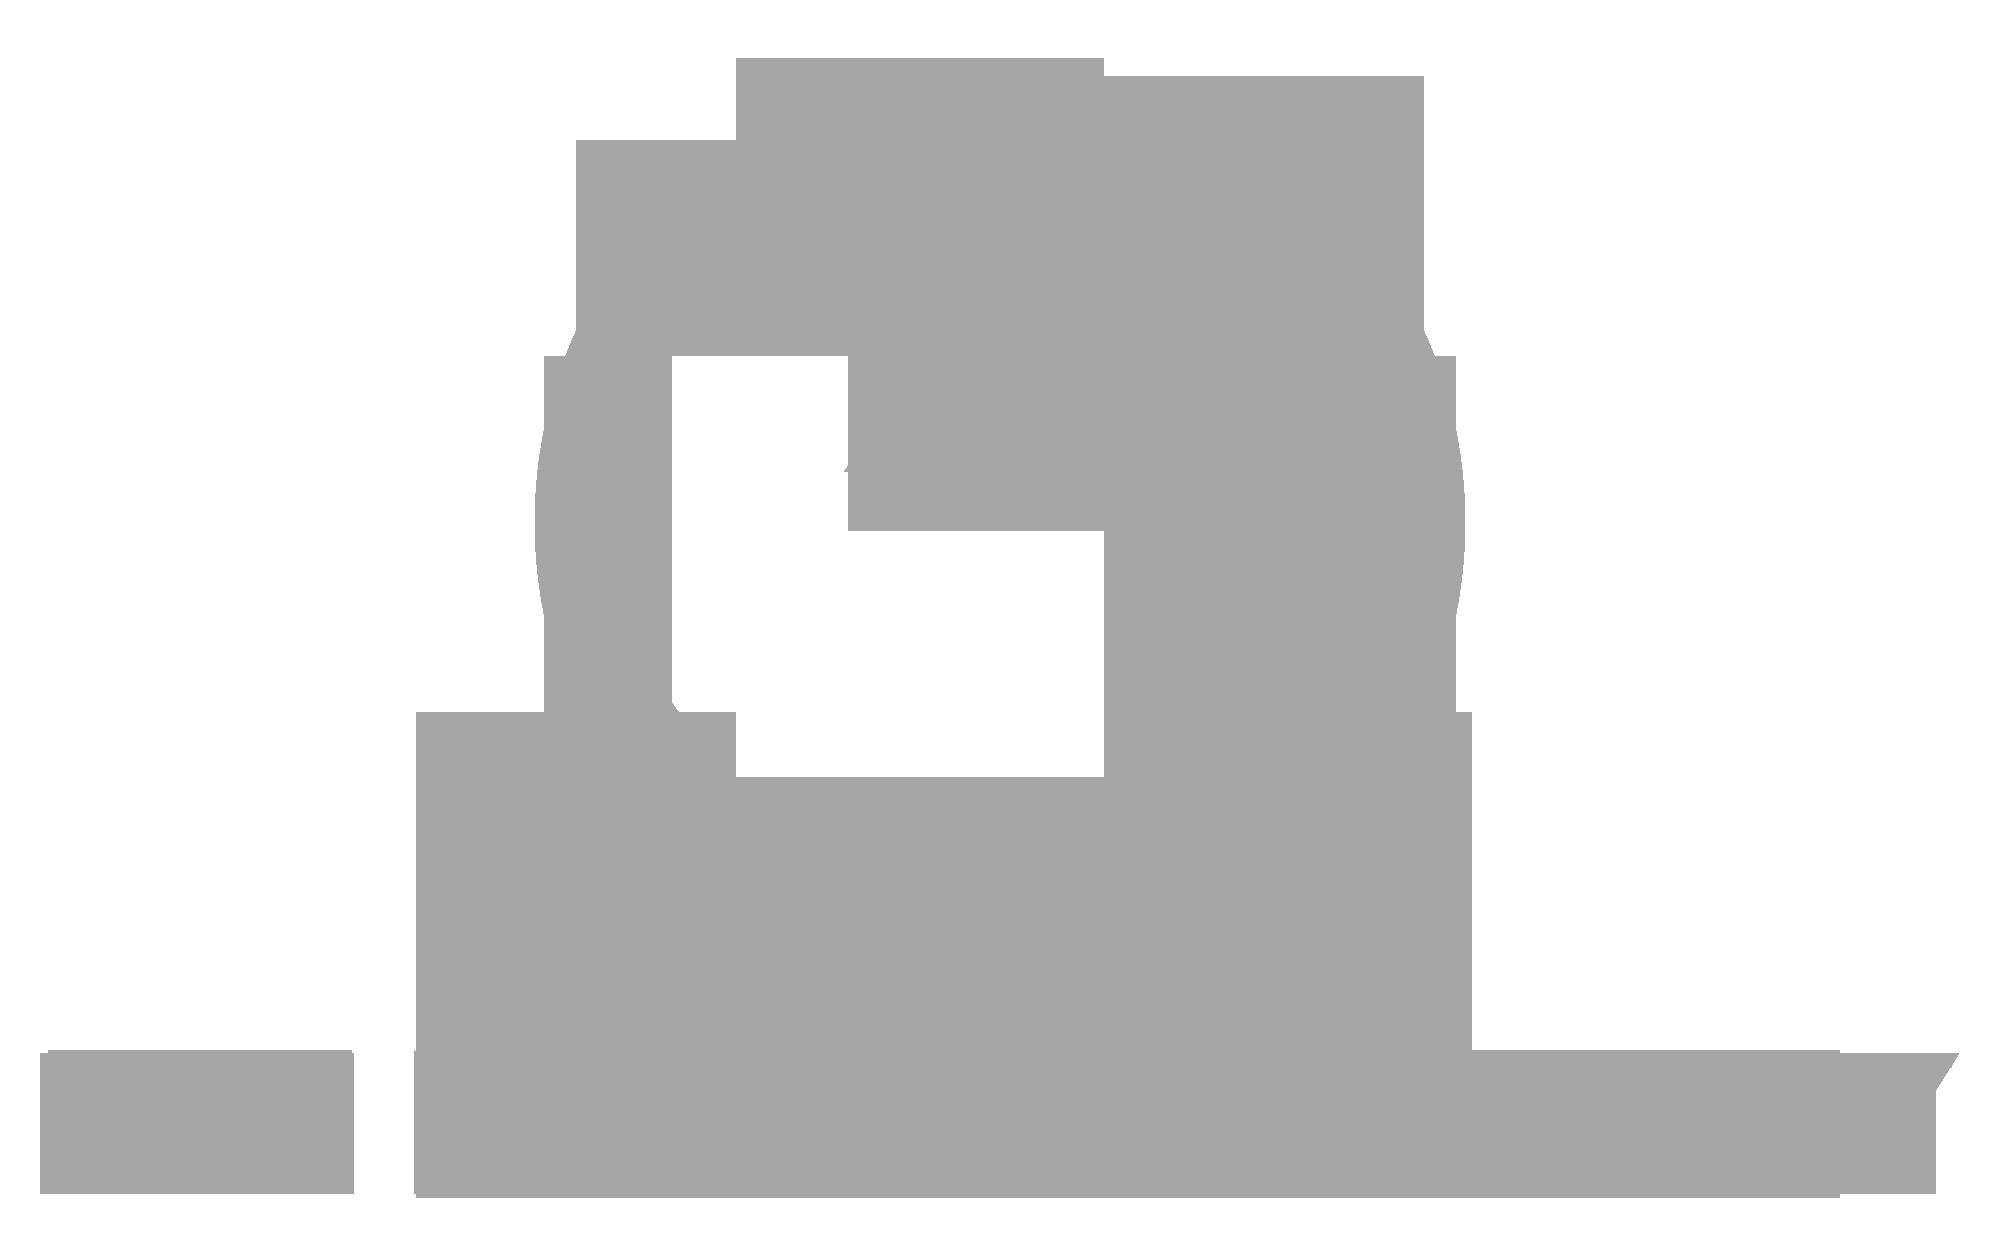 bain_and_company